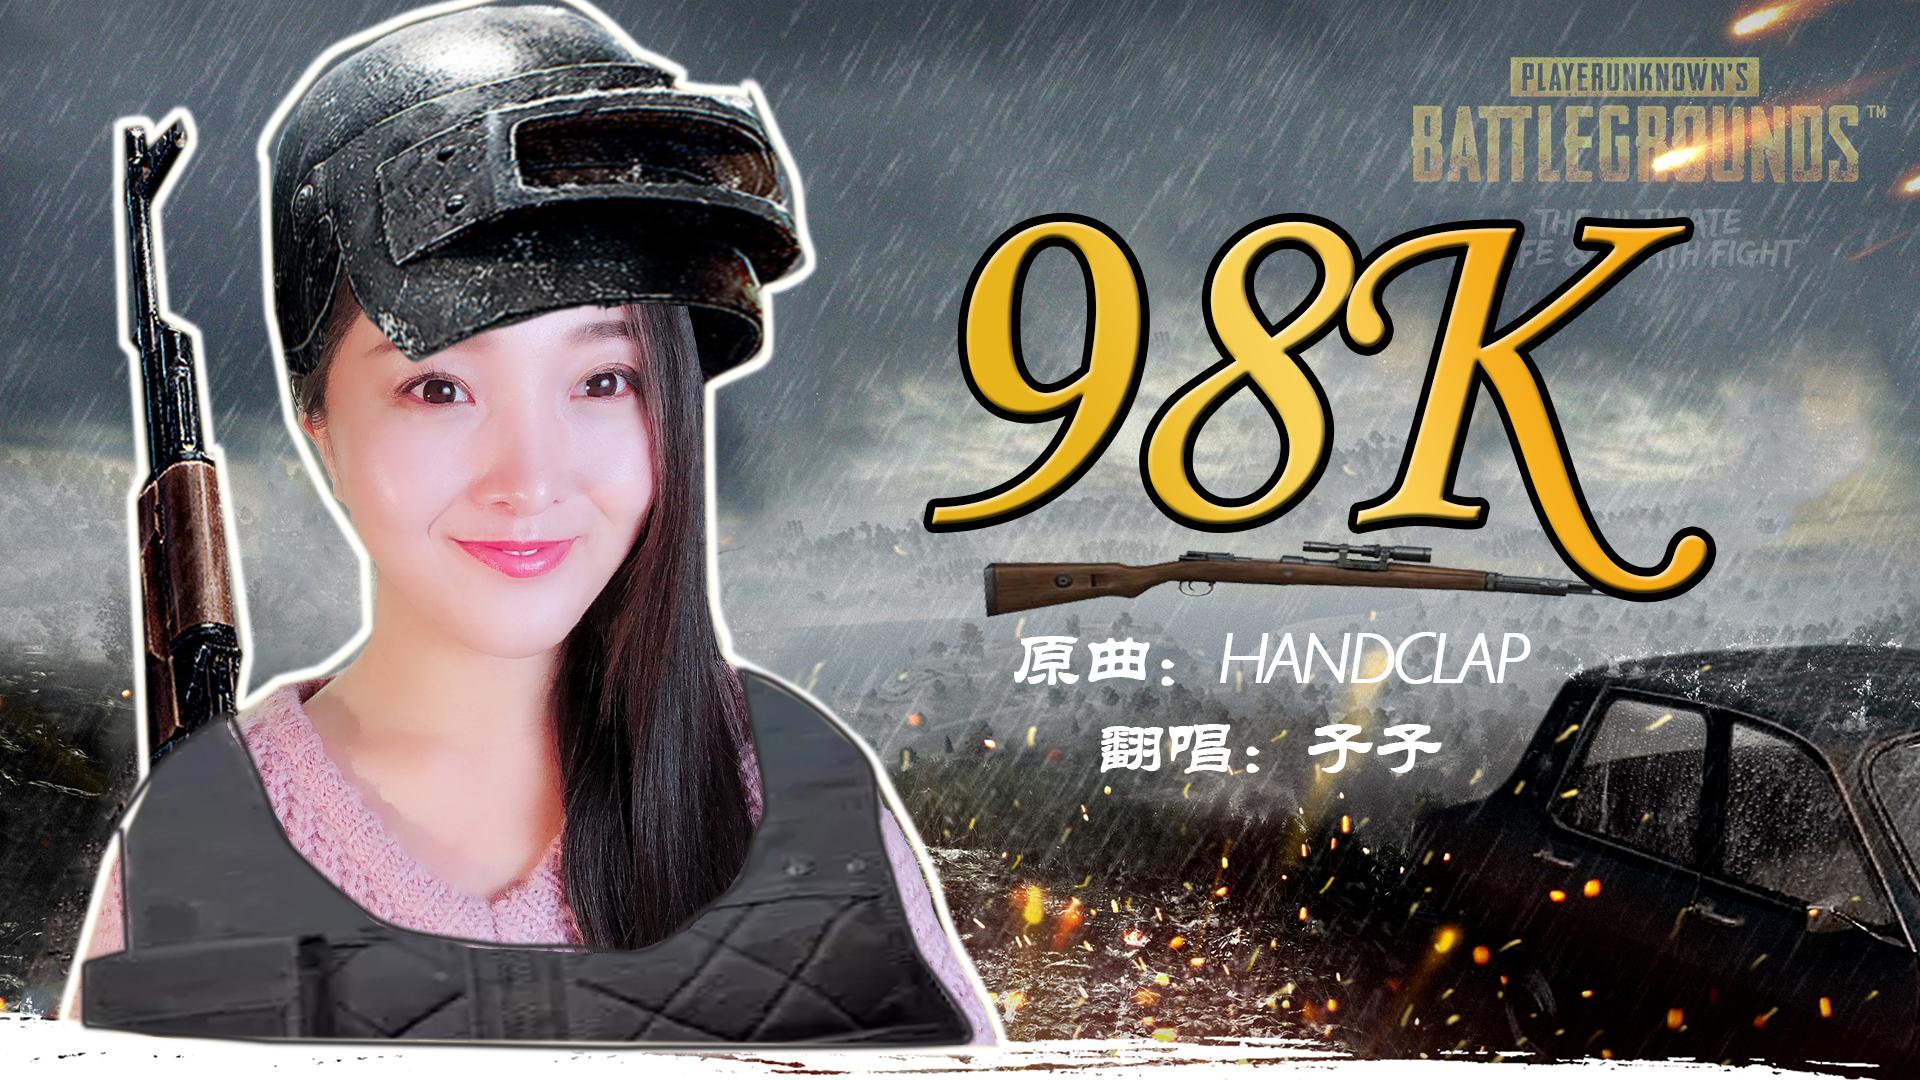 绝地求生《98k》中文版,小姐姐唱得真好听!吃鸡神曲!